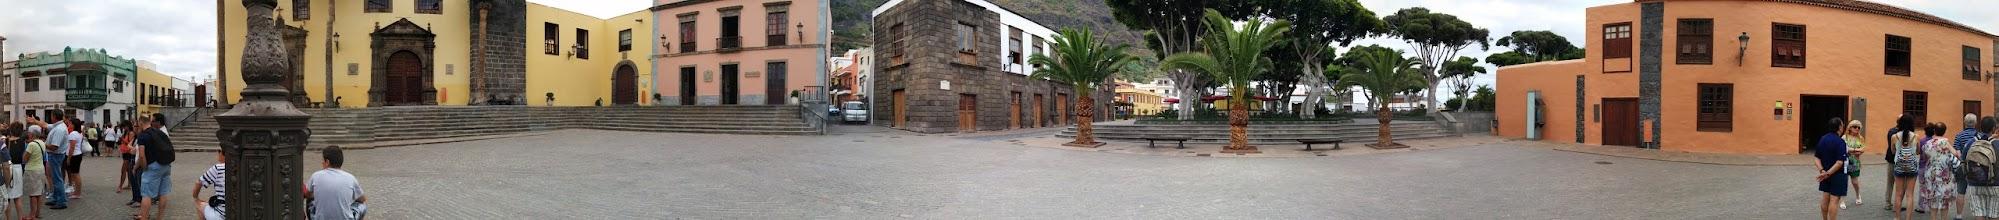 Photo: A recorrer Tenerife. ¡Qué calles más estrechas!